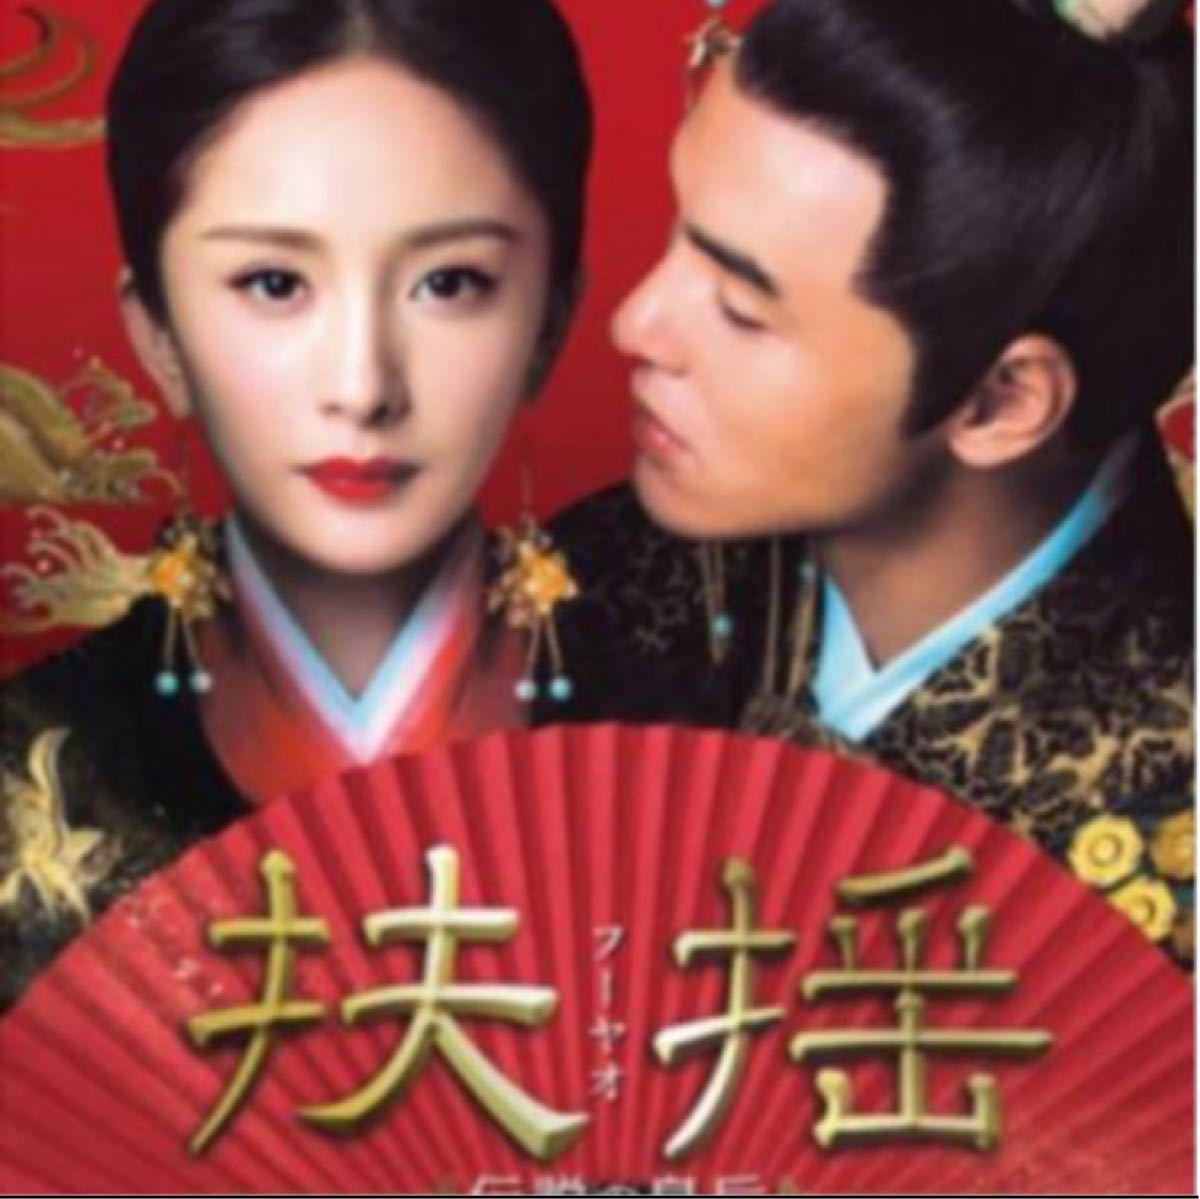 中国ドラマ扶揺(フーヤオ)伝説の皇后【Blu-ray】